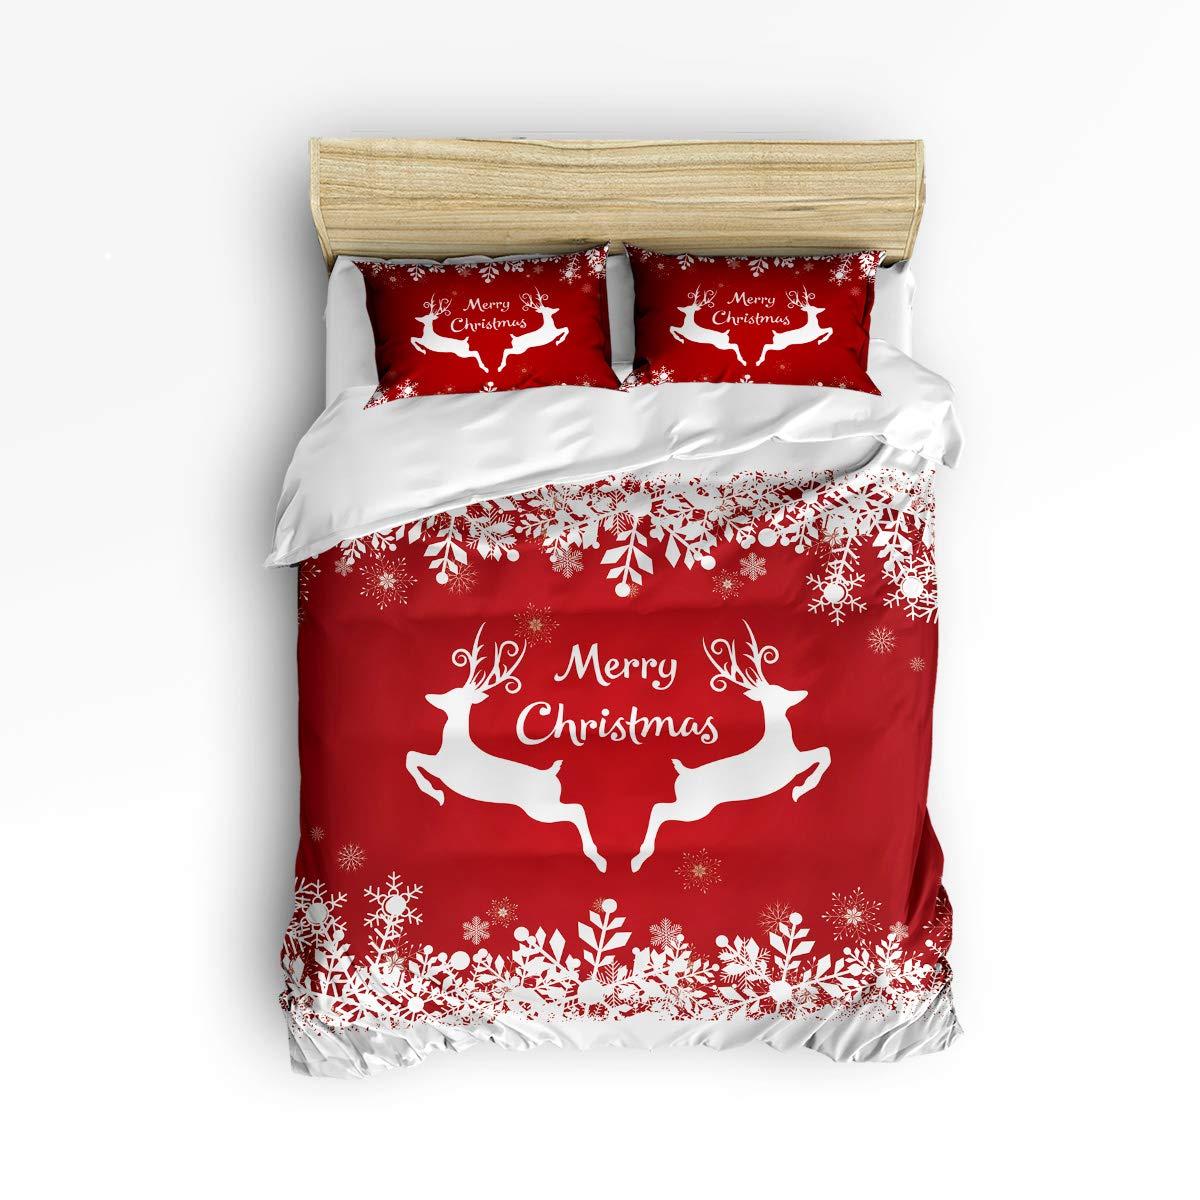 YEHO アートギャラリー ソフト布団カバーセット 子供用 キッズ 女の子 男の子 シンク アンカー パターン ブルーとホワイト 寝具セット ホームデコレーション 掛け布団カバー 枕カバー2枚付き Queen Size 20181120WHLYAGSJSSJSLXM03557SJSCYAG B07KQHLPYC Christmas2306lyag4716 Queen Size